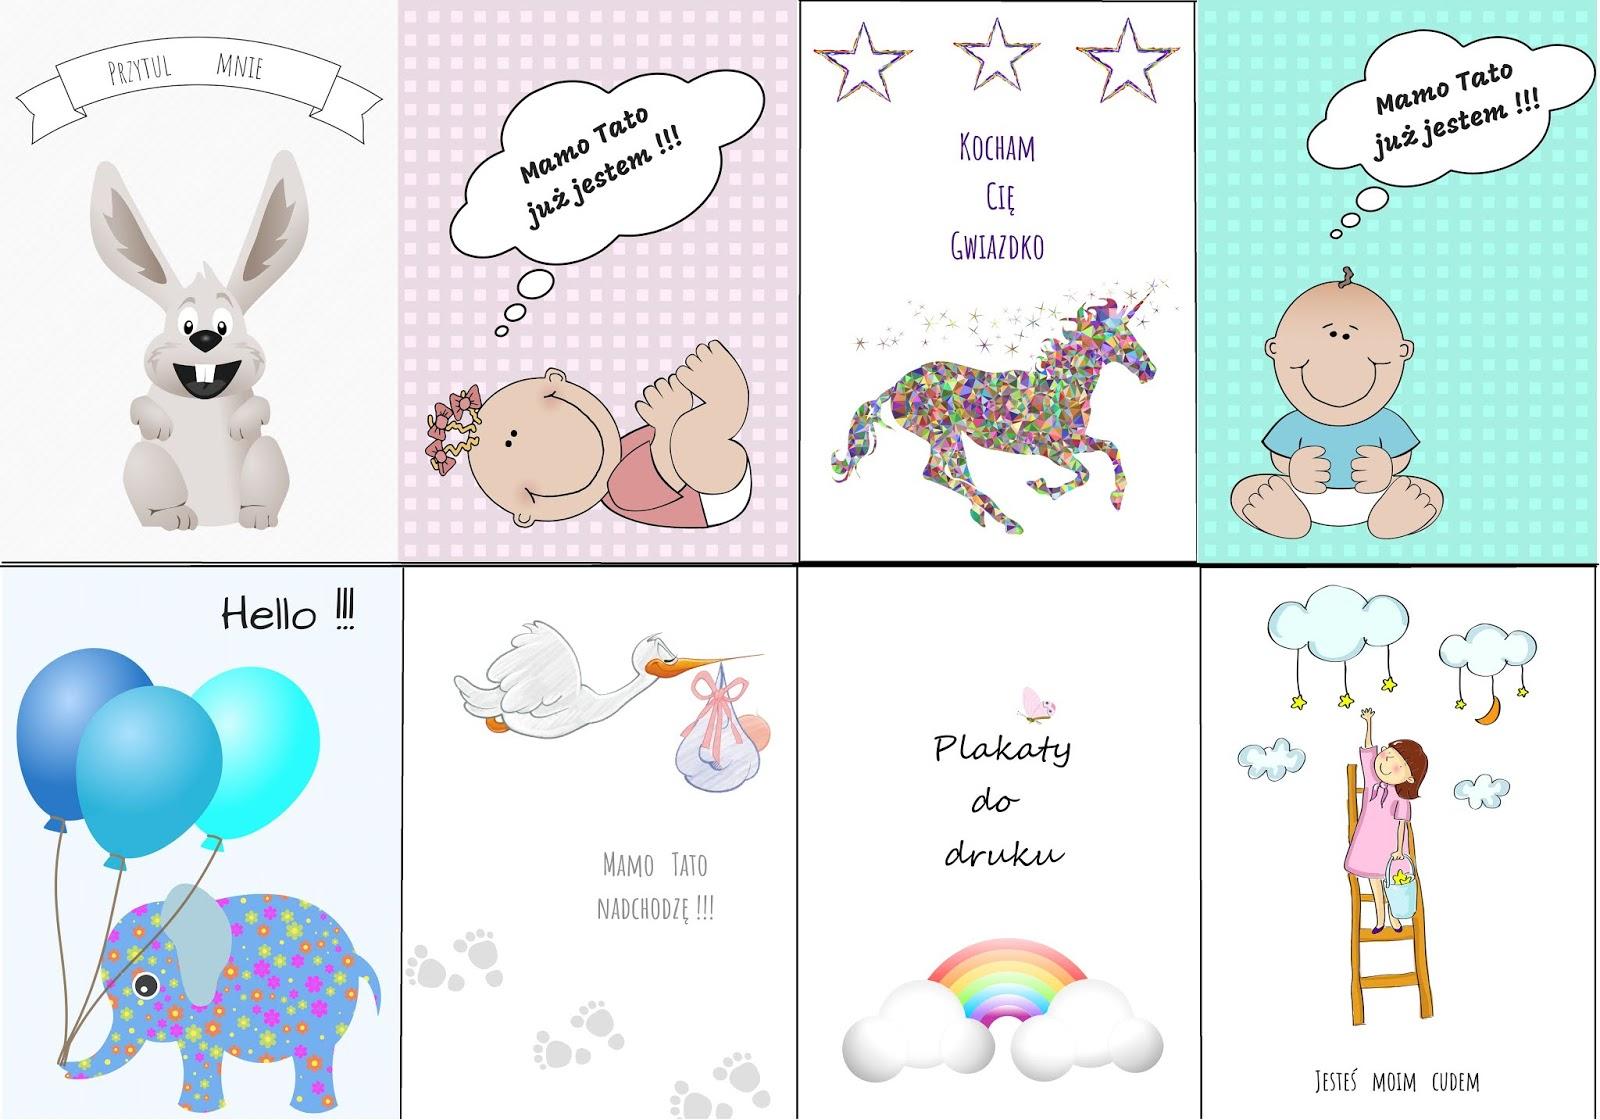 Plakaty W Pokoju Dziecka Linki Do Darmowych Plakatów